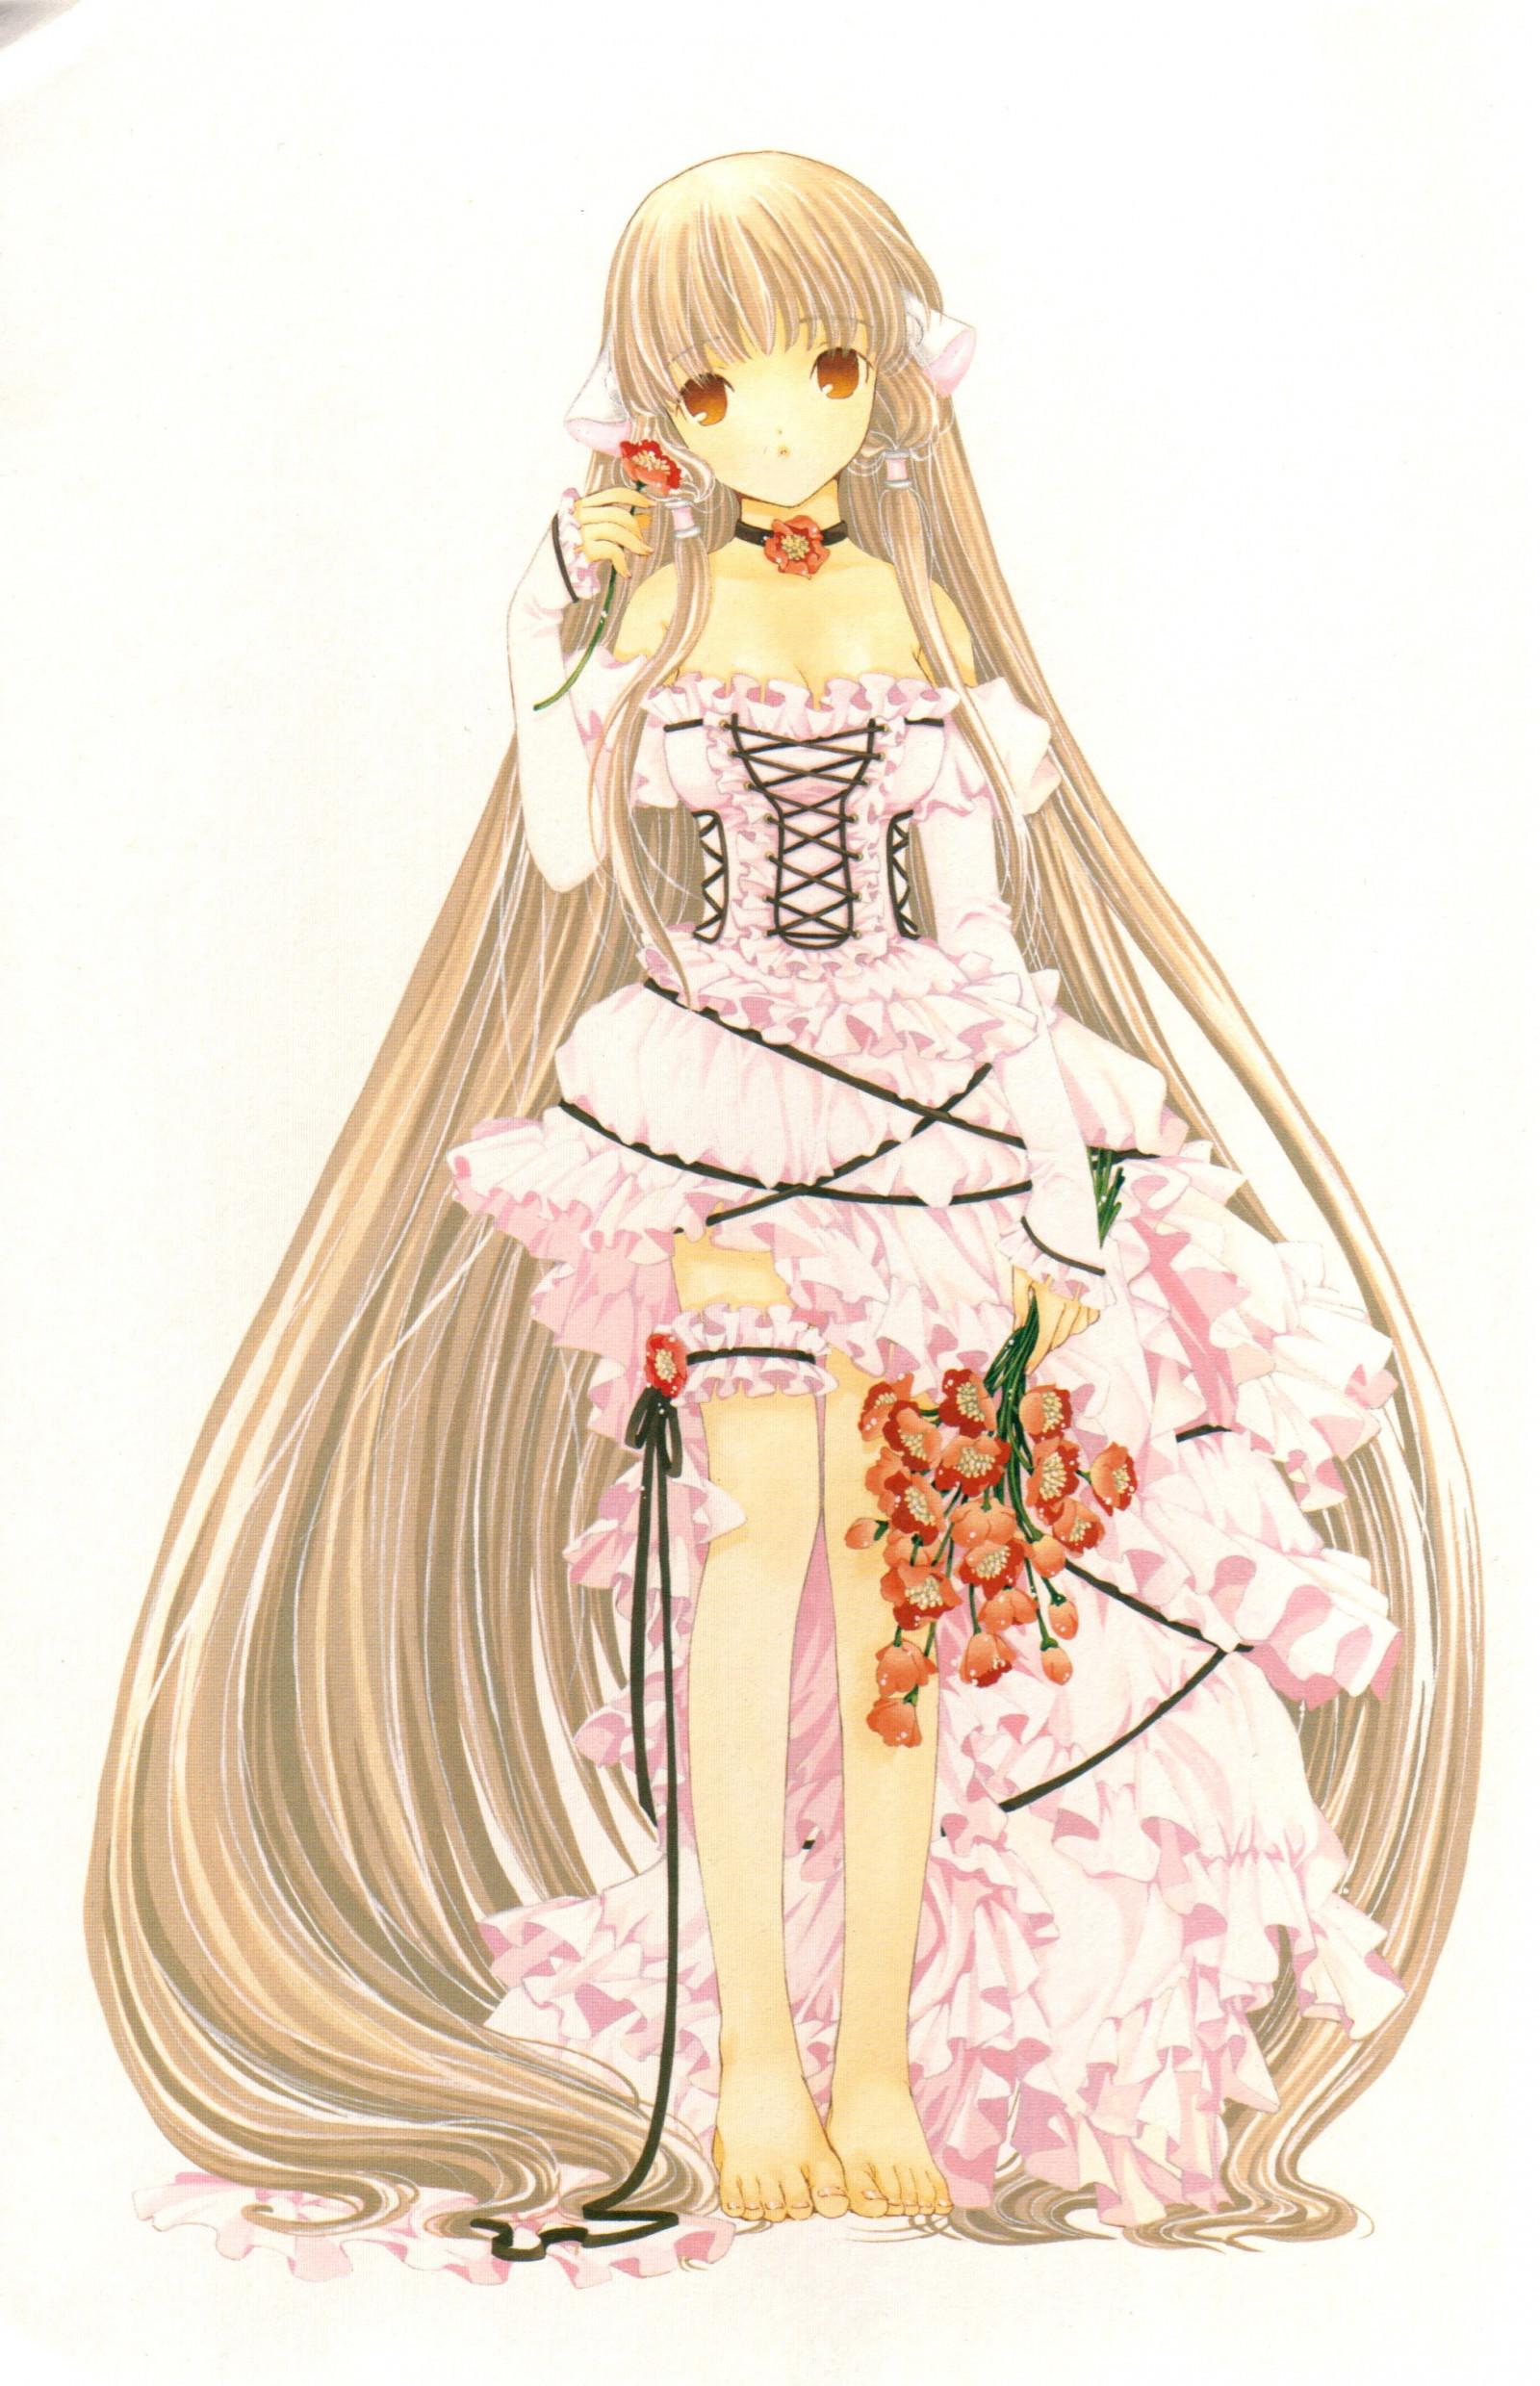 デスクトップ壁紙 お絵かき 図 アニメ おもちゃ ピンク 人形